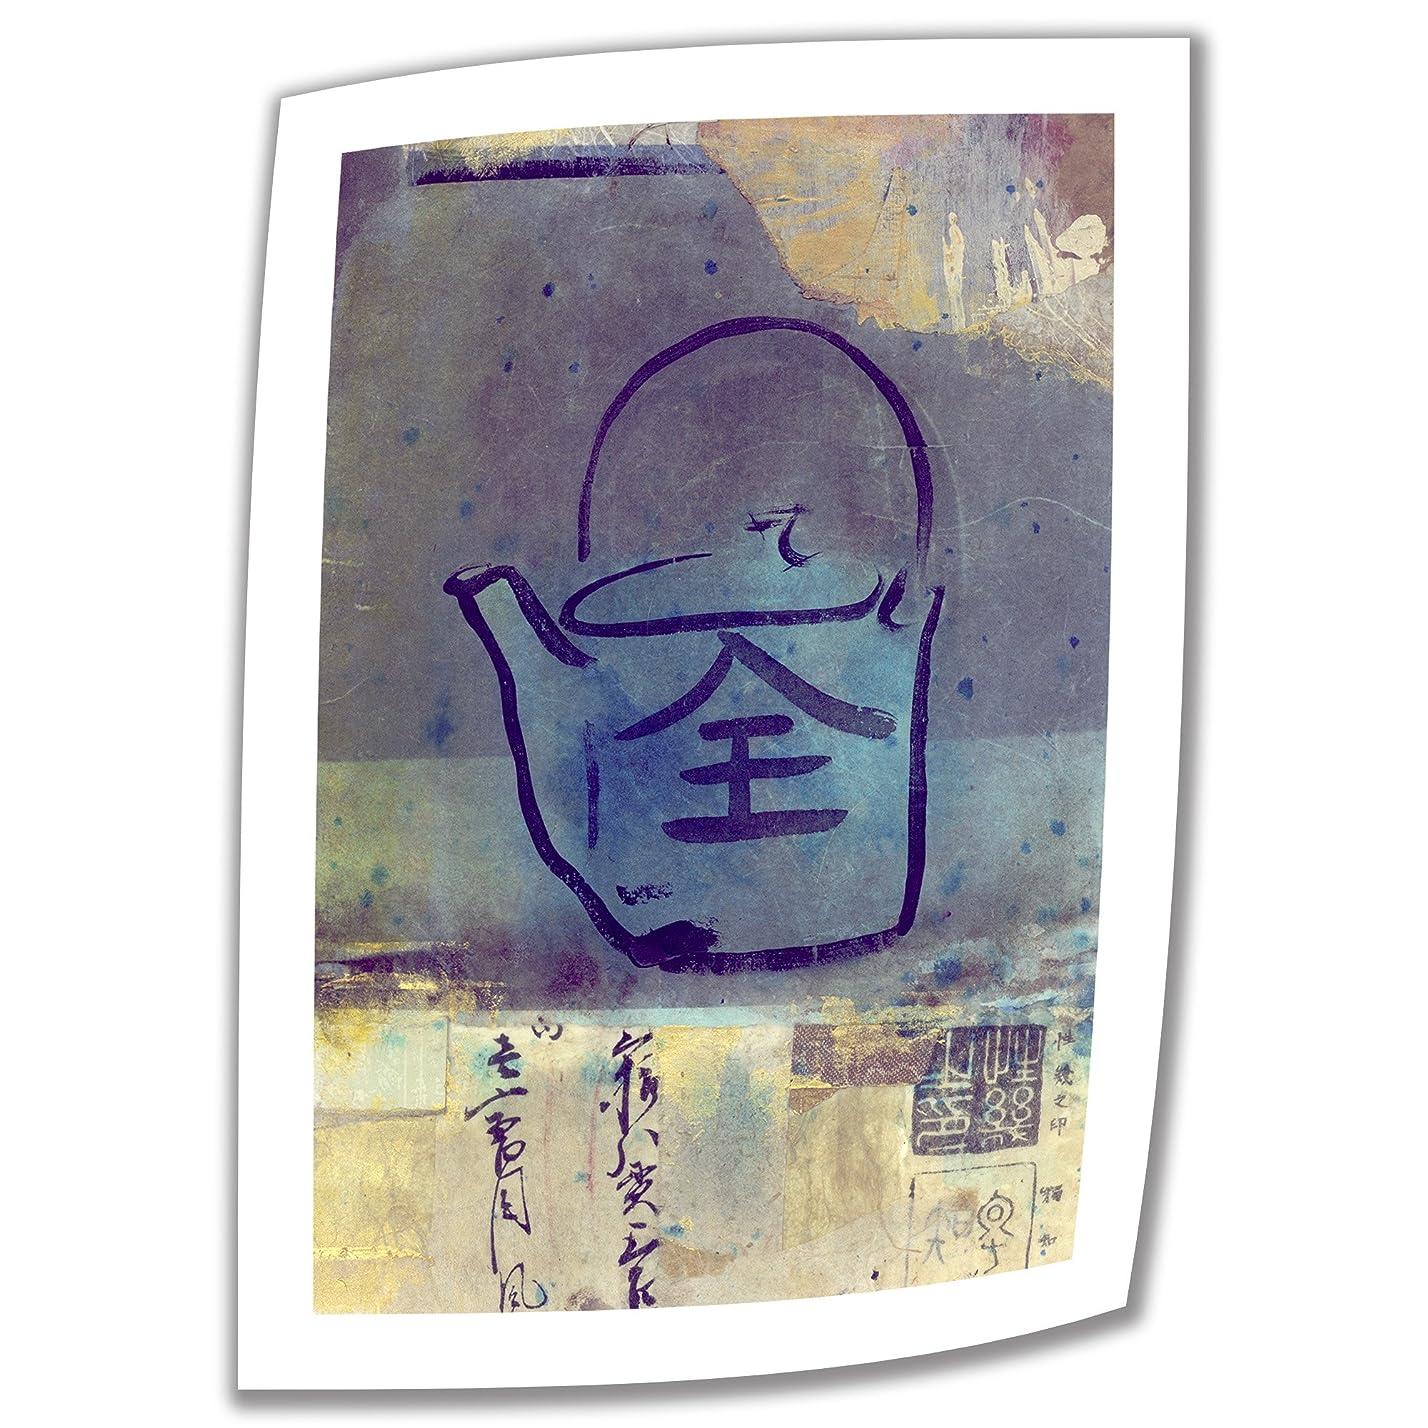 診療所運命法律Elena Ray アートウォール グッドティー 45.72×30.48cm アンラップキャンバス アート 5.08cm アクセントボーダー